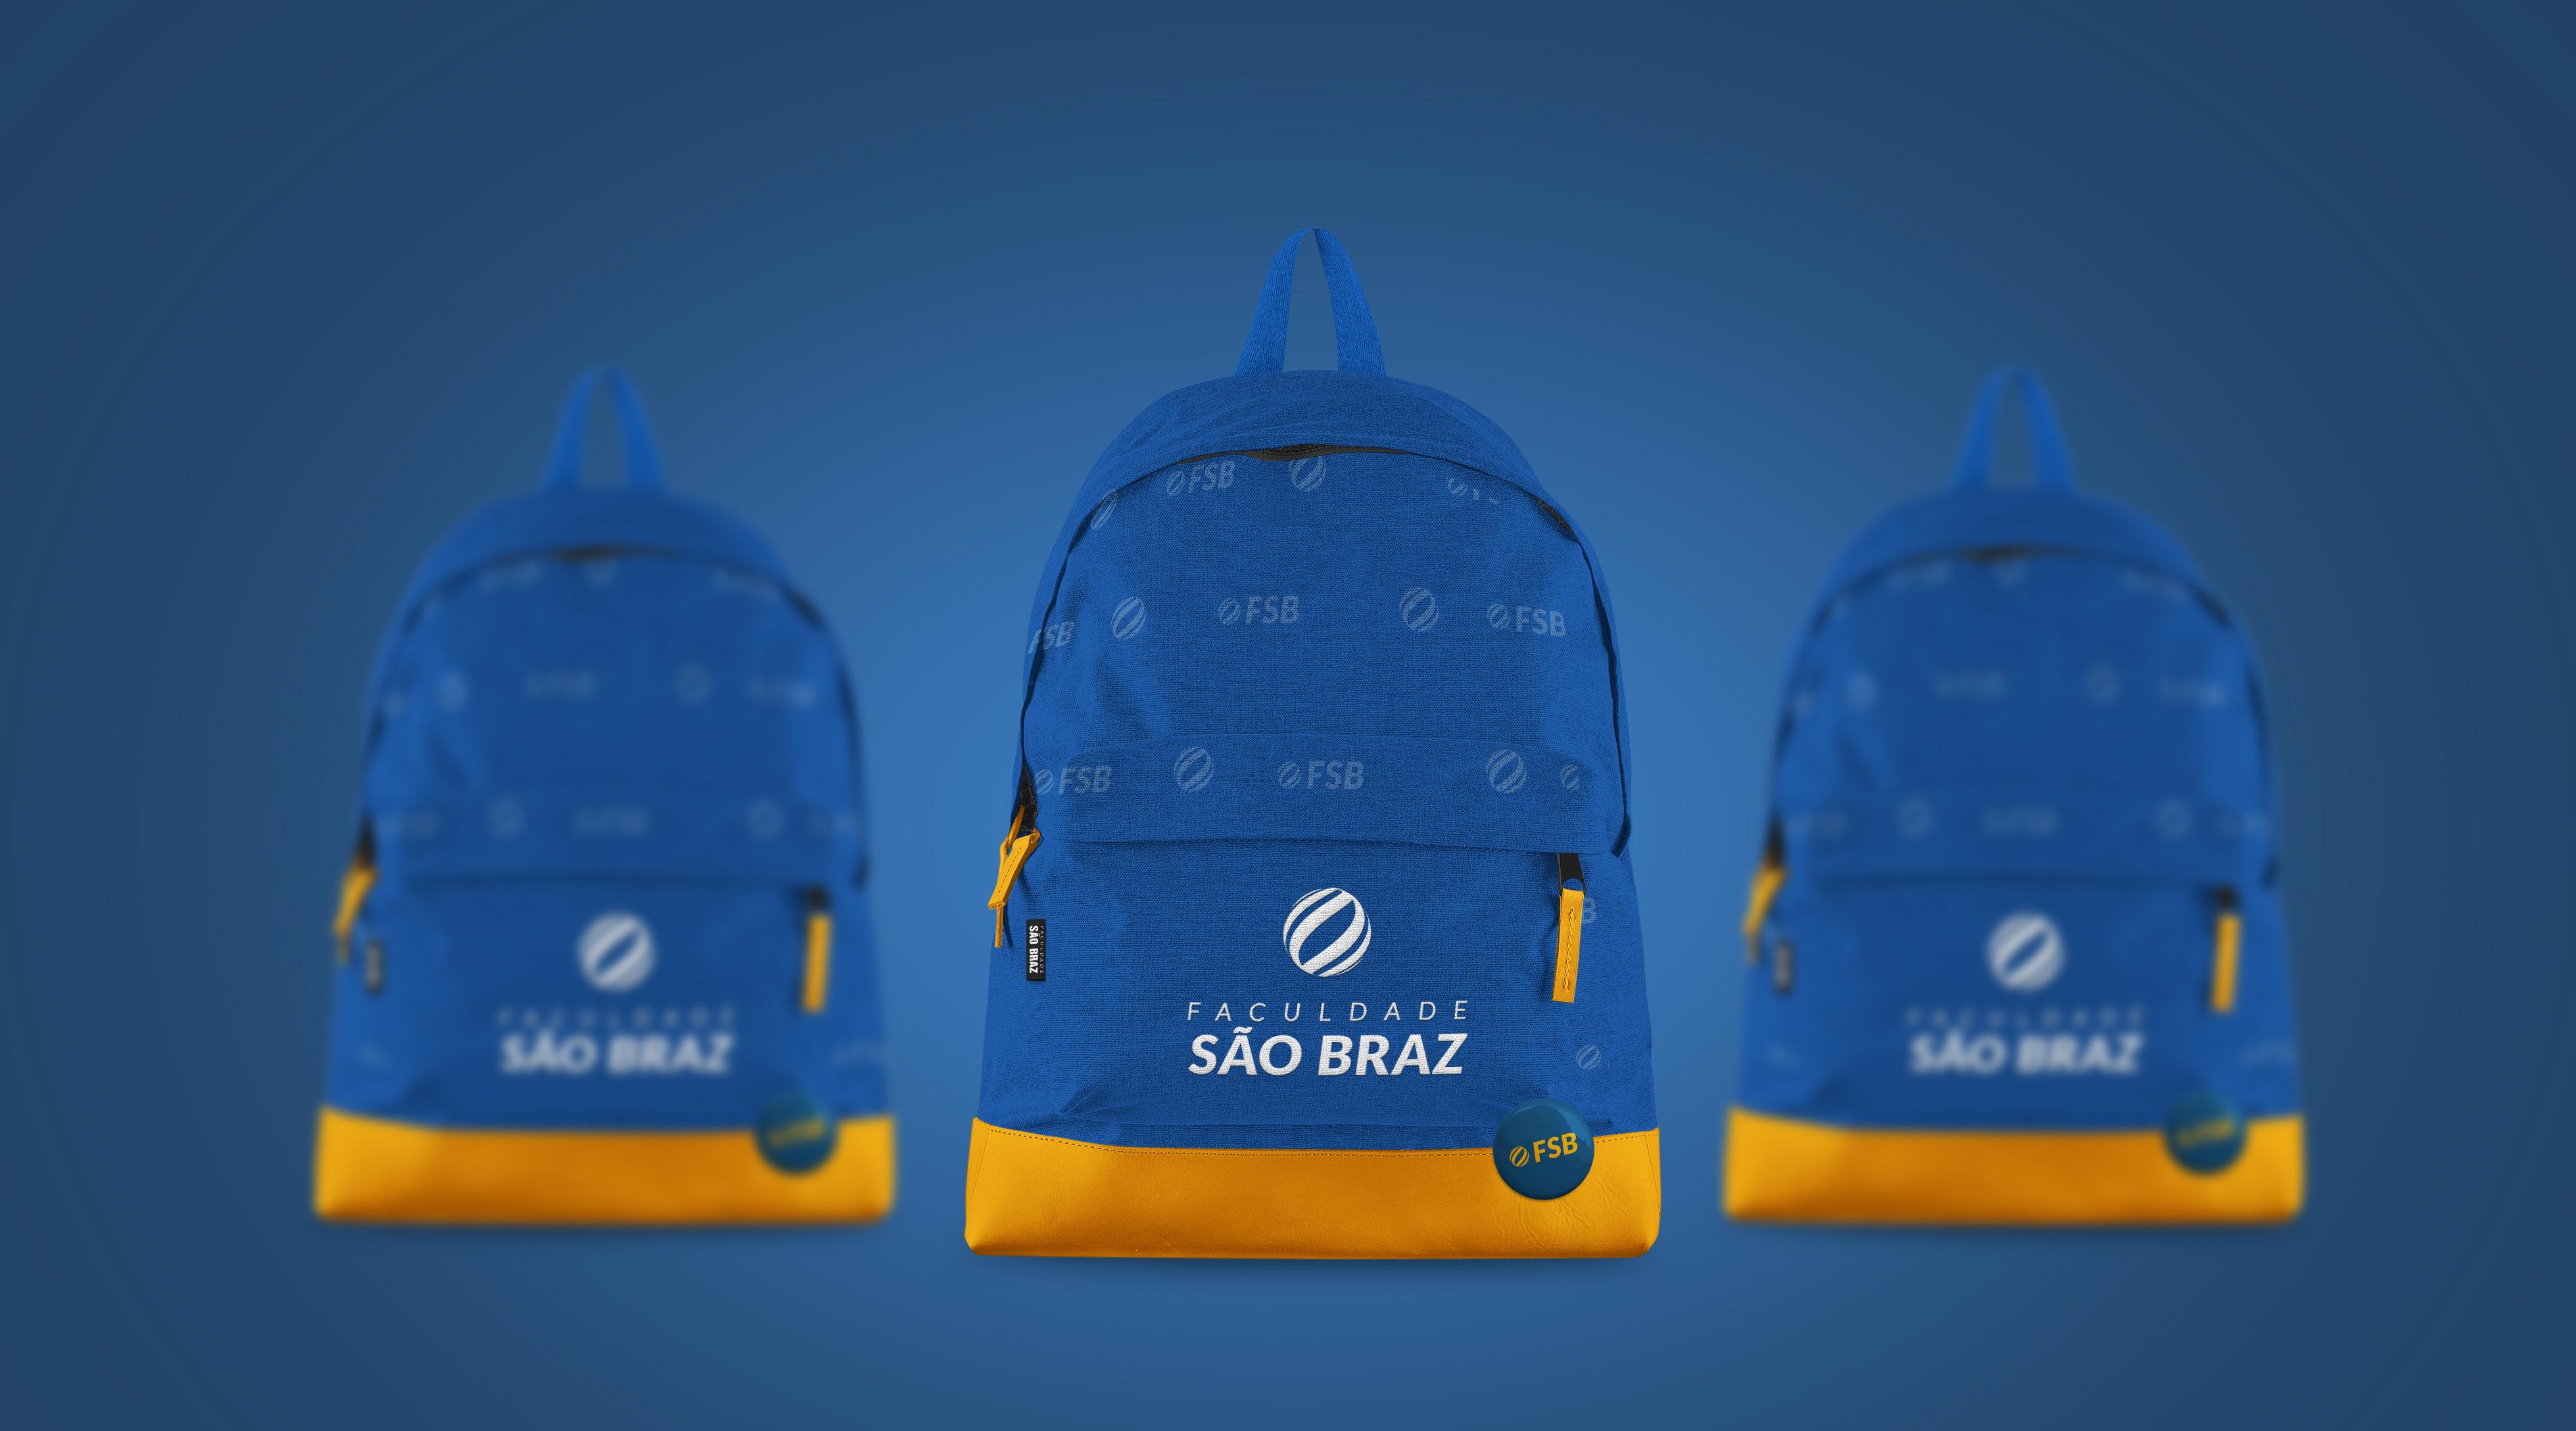 Amostra_Logo_Falculdade_São_Braz_11